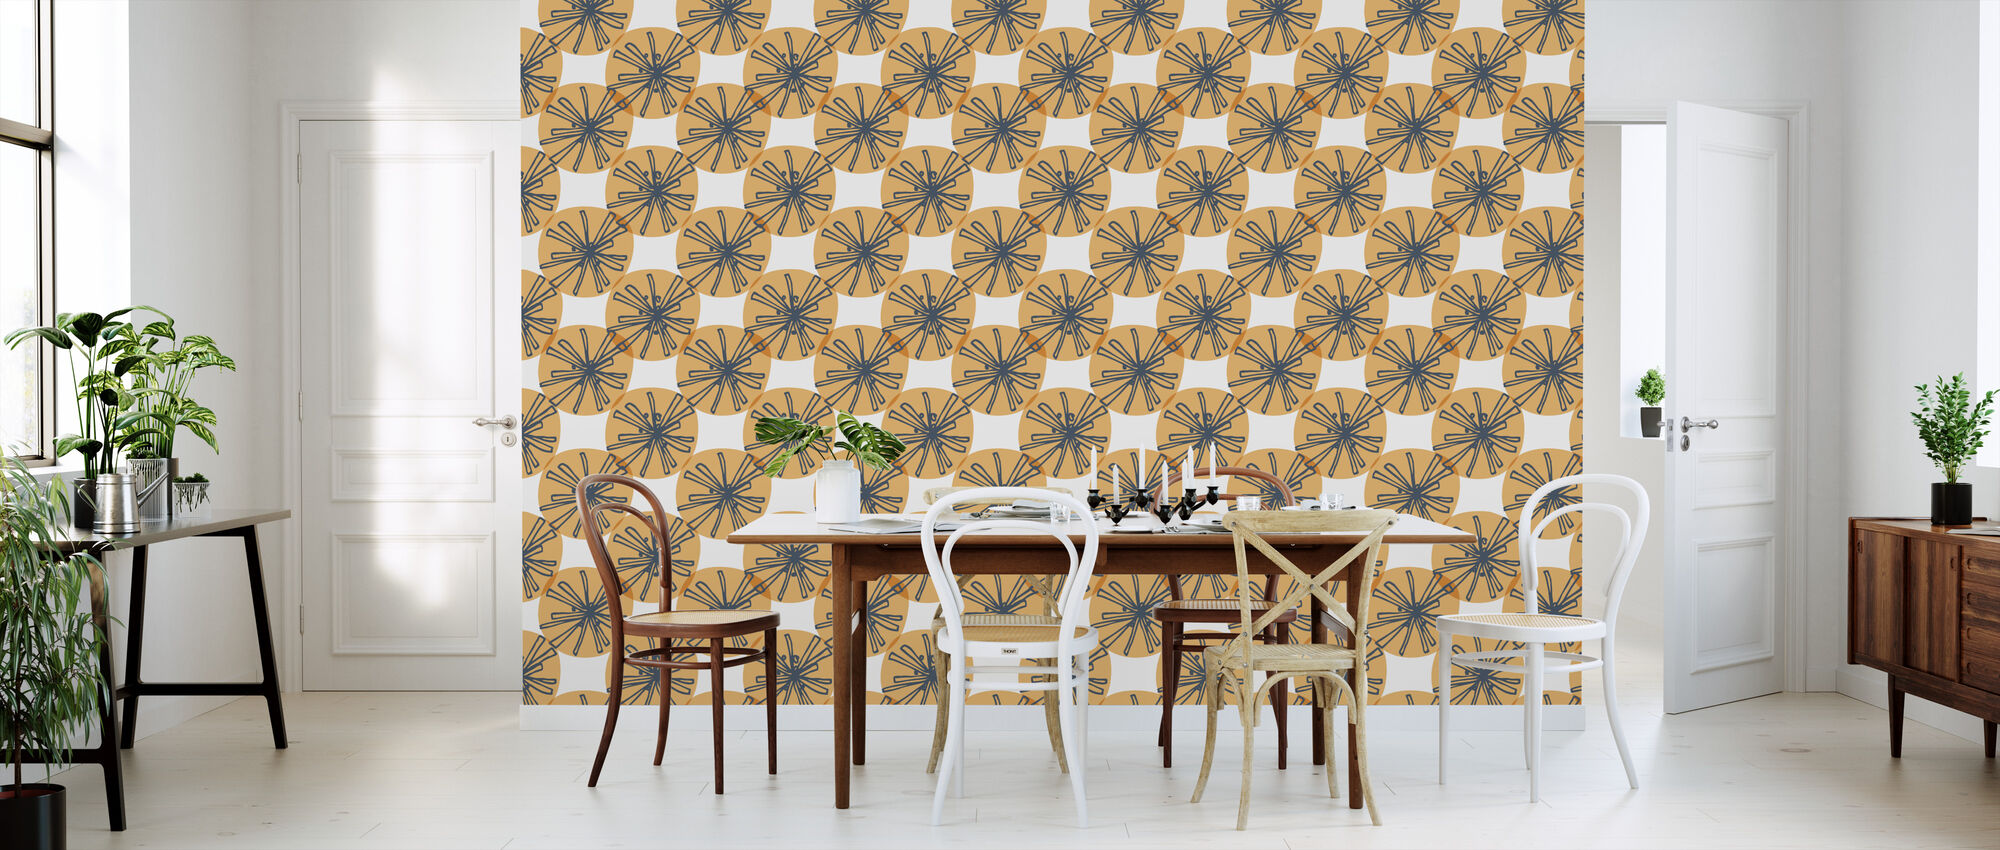 Dandelion - Orange - Wallpaper - Kitchen